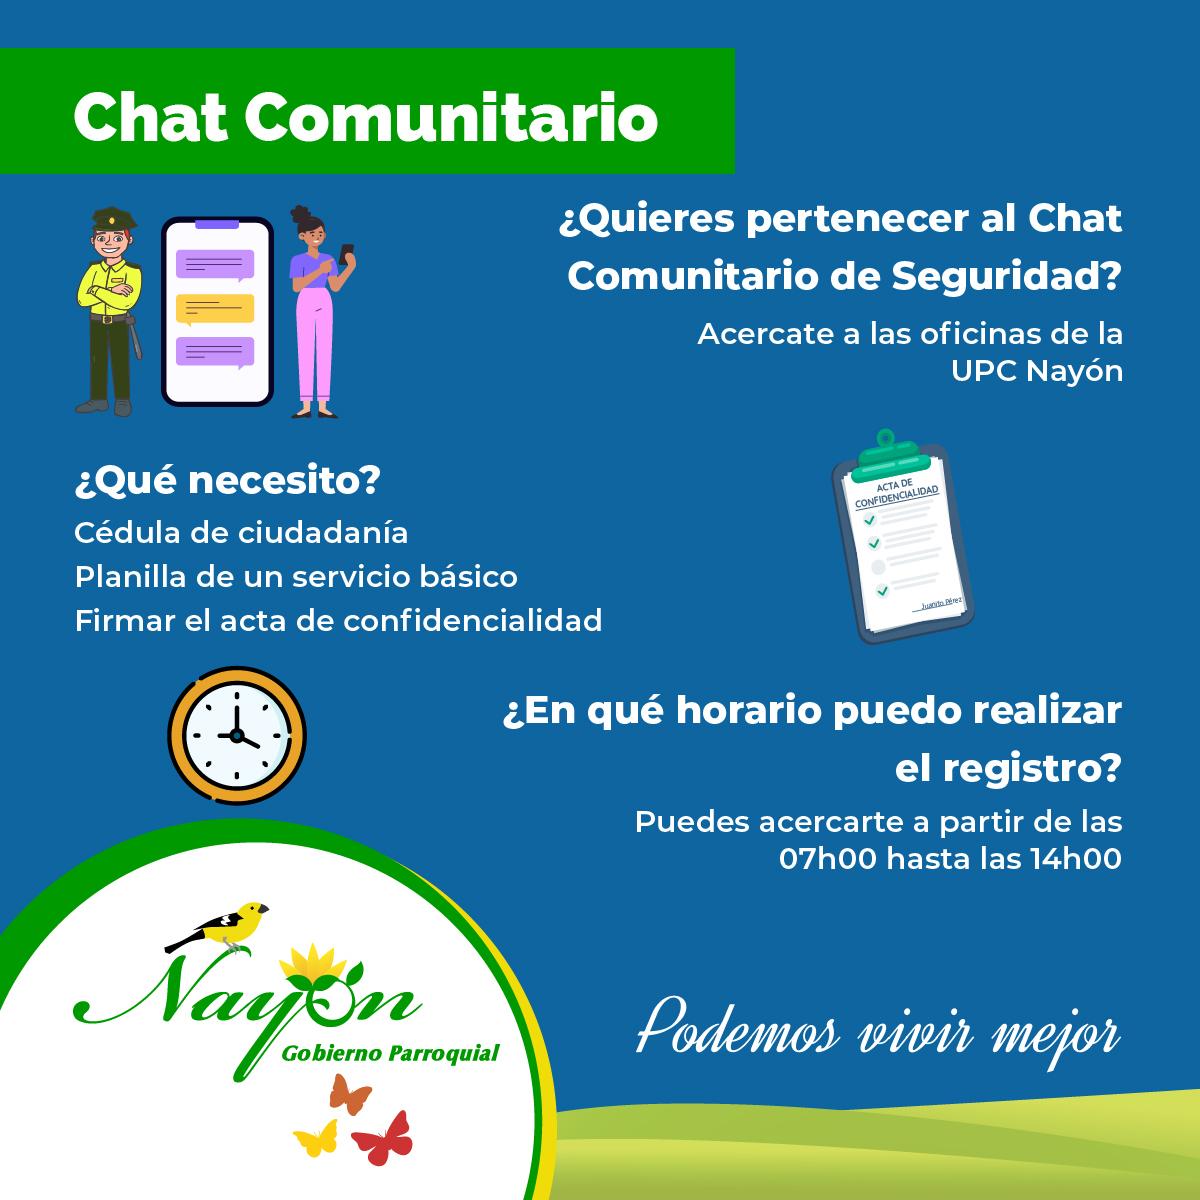 Regístrate en el Chat Comunitario de Seguridad